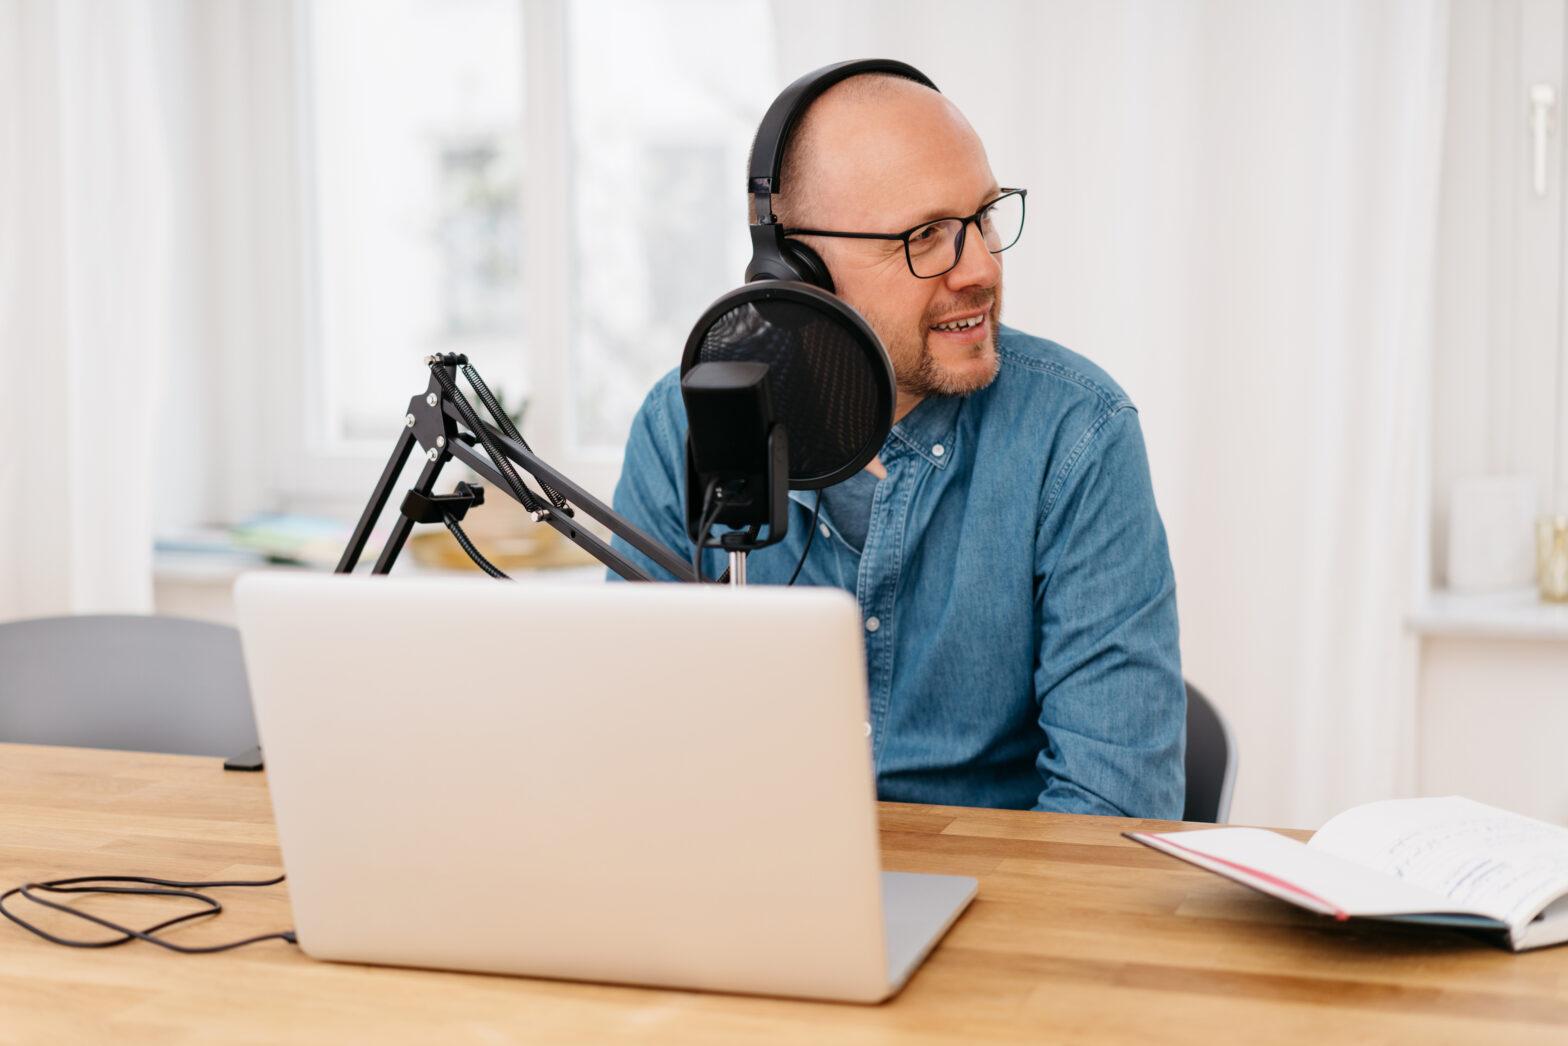 Freimaurer Podcast Freimaurer im Gespräch (c) stockfour